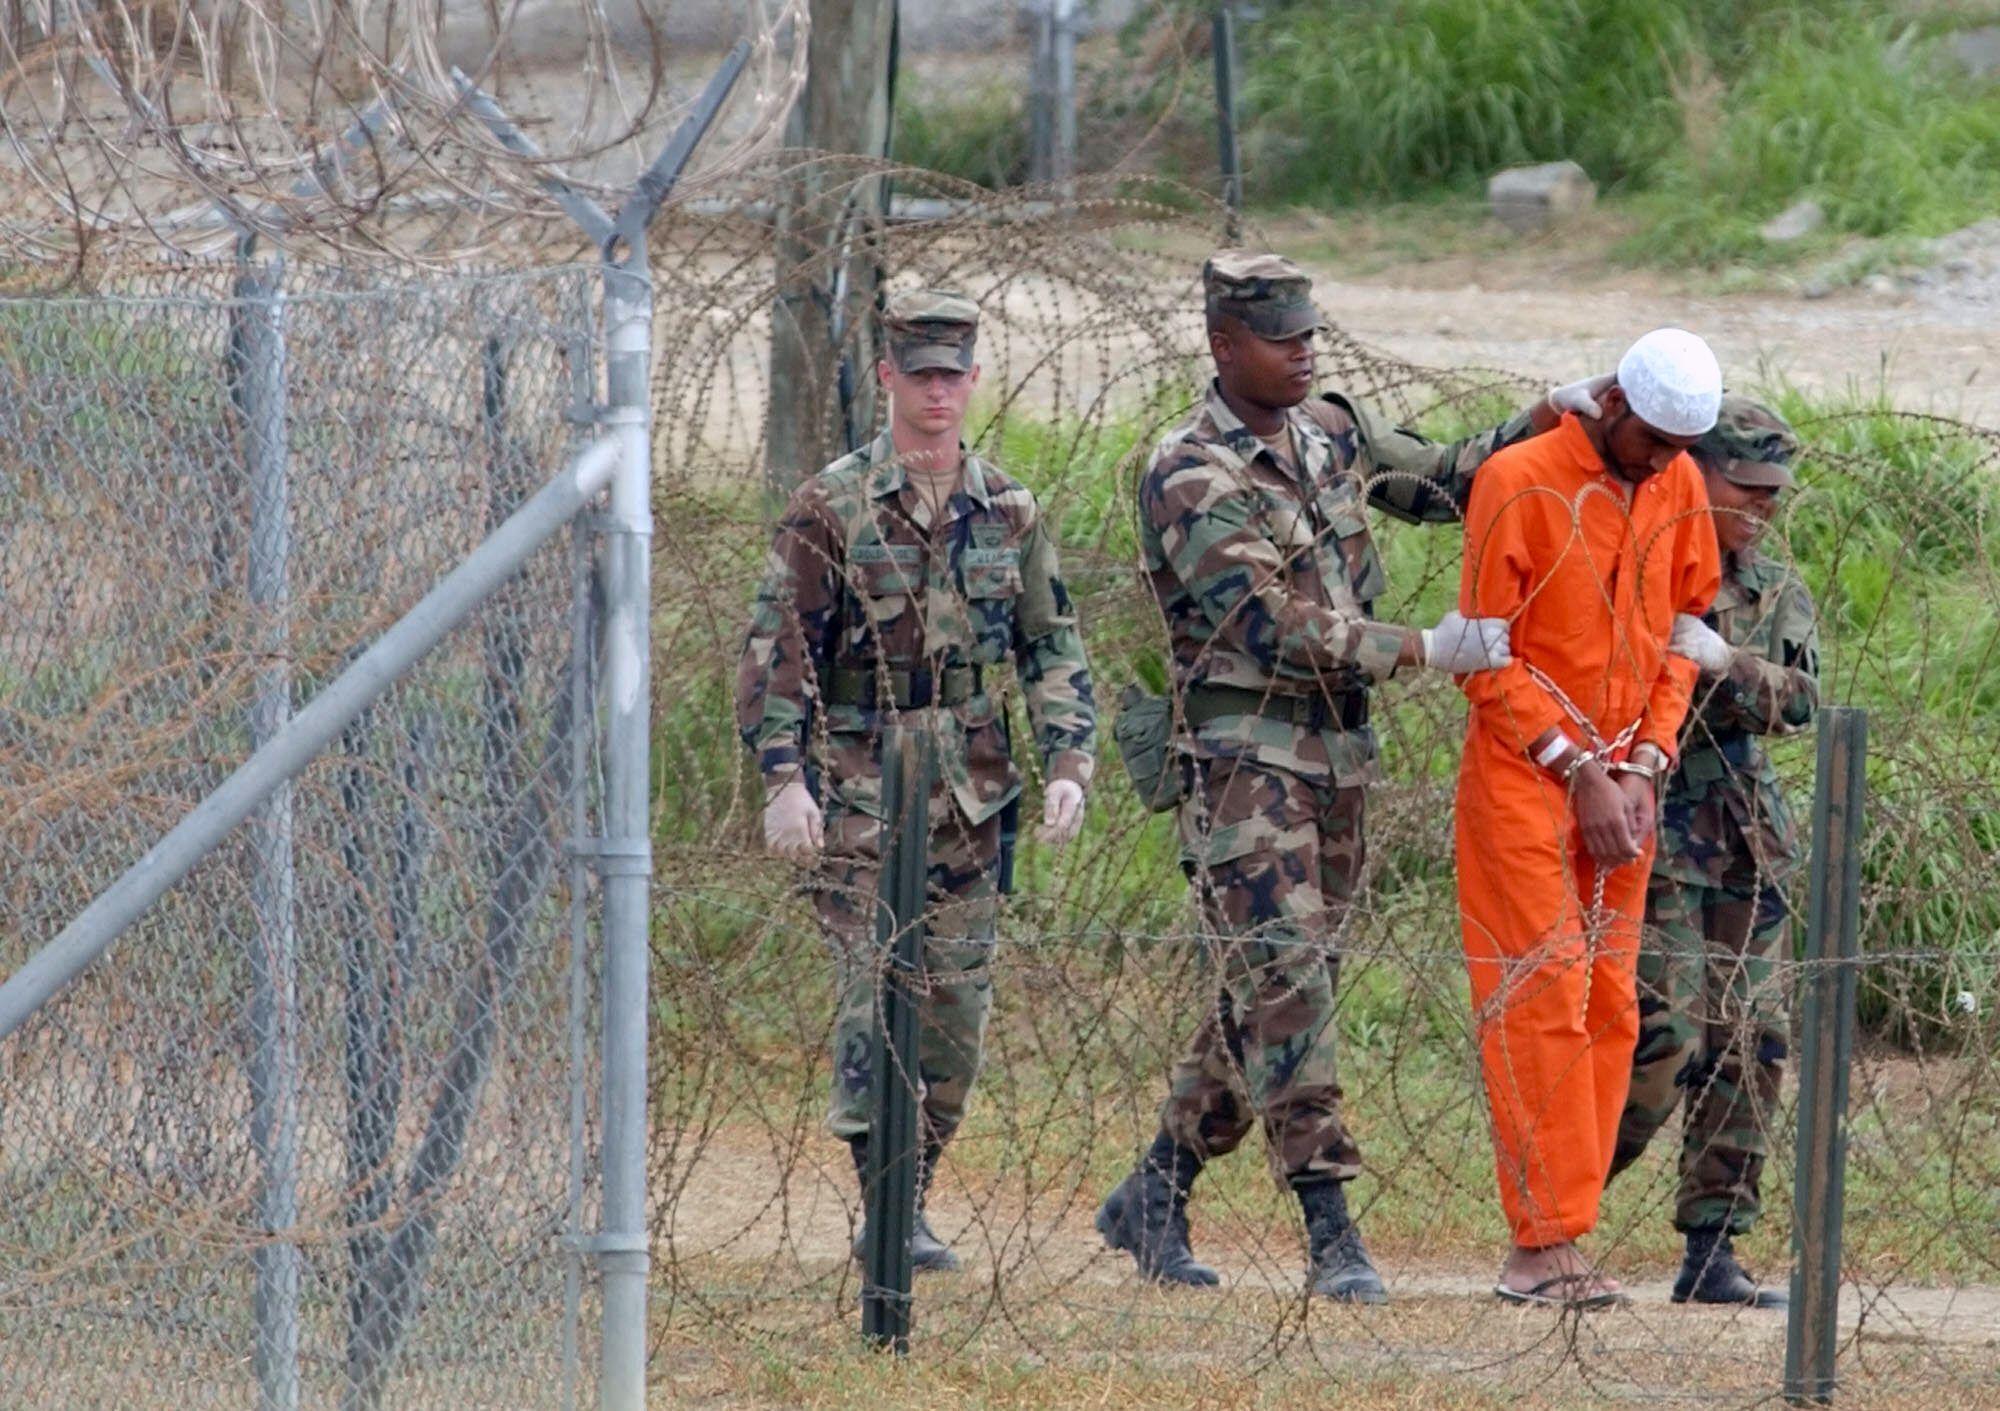 la prision de guantanamo, un legado por resolver del 11-s